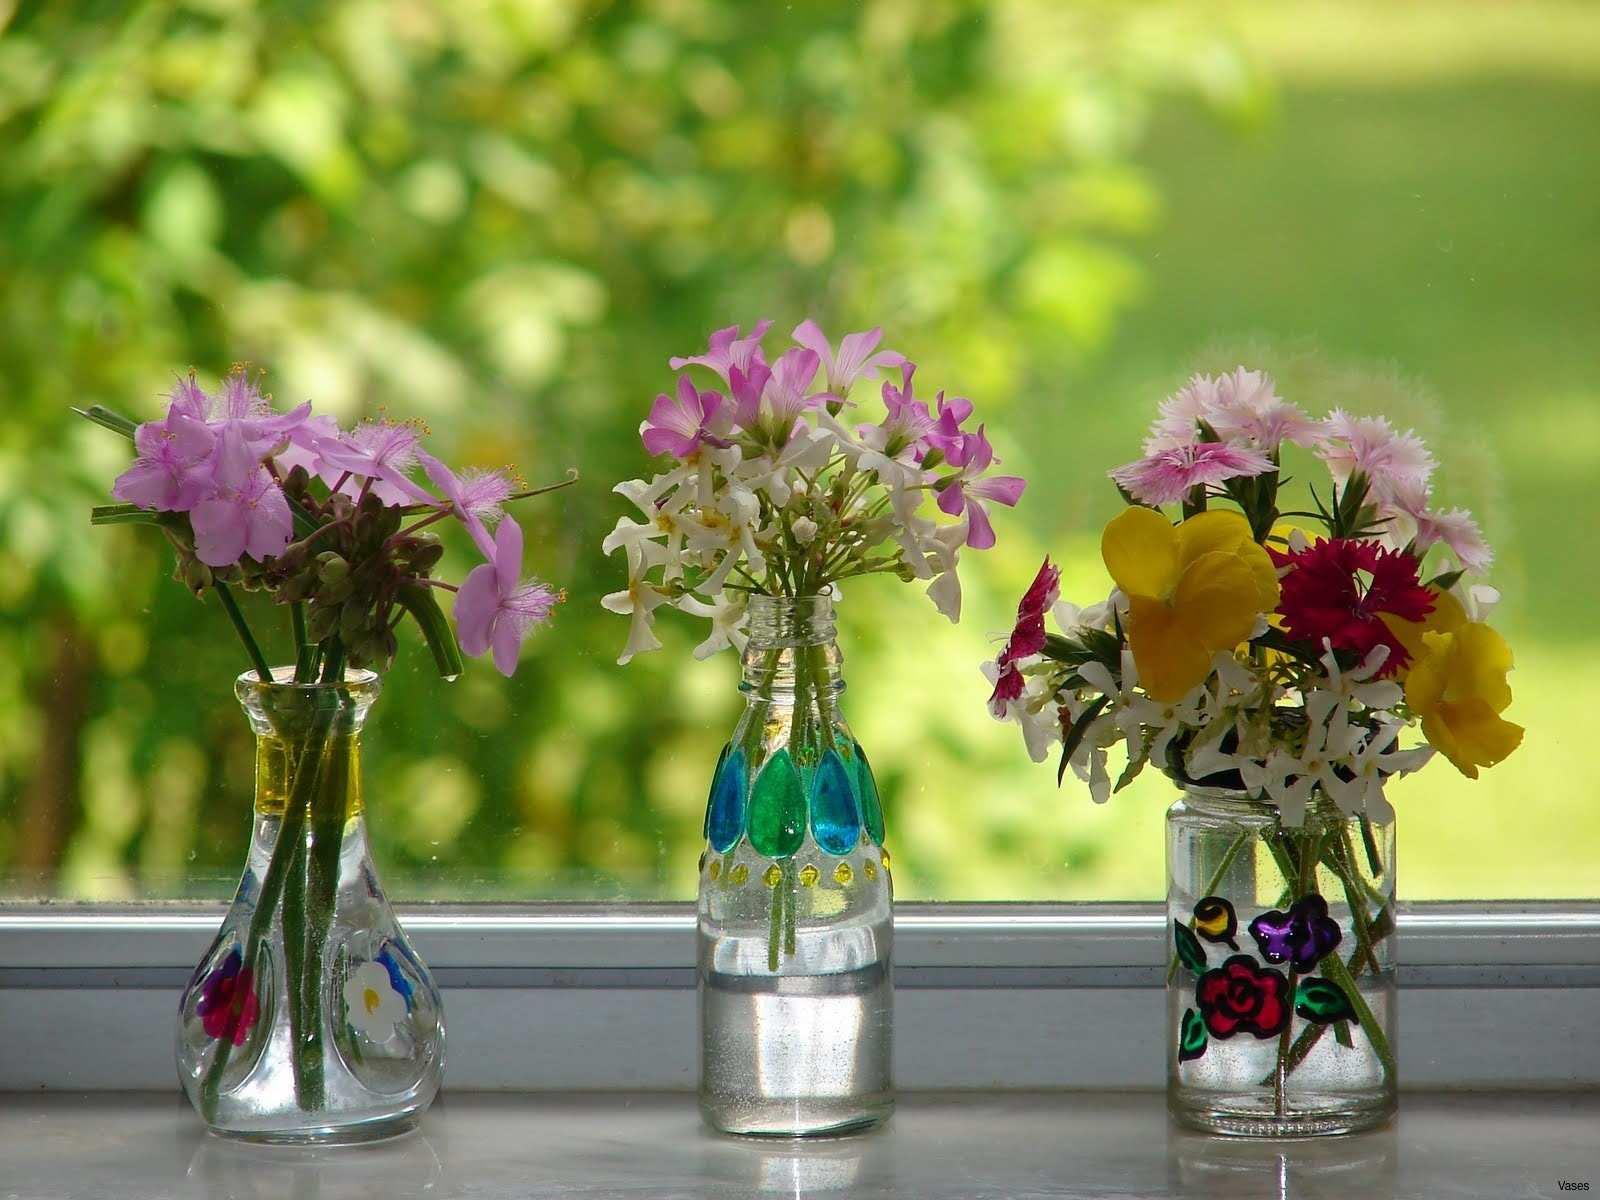 cheap pink vases of decorating ideas for vases elegant il fullxfull nny9h vases flower in decorating ideas for vases unique simple flowers white flowersh vases in small best 25 bud ideas